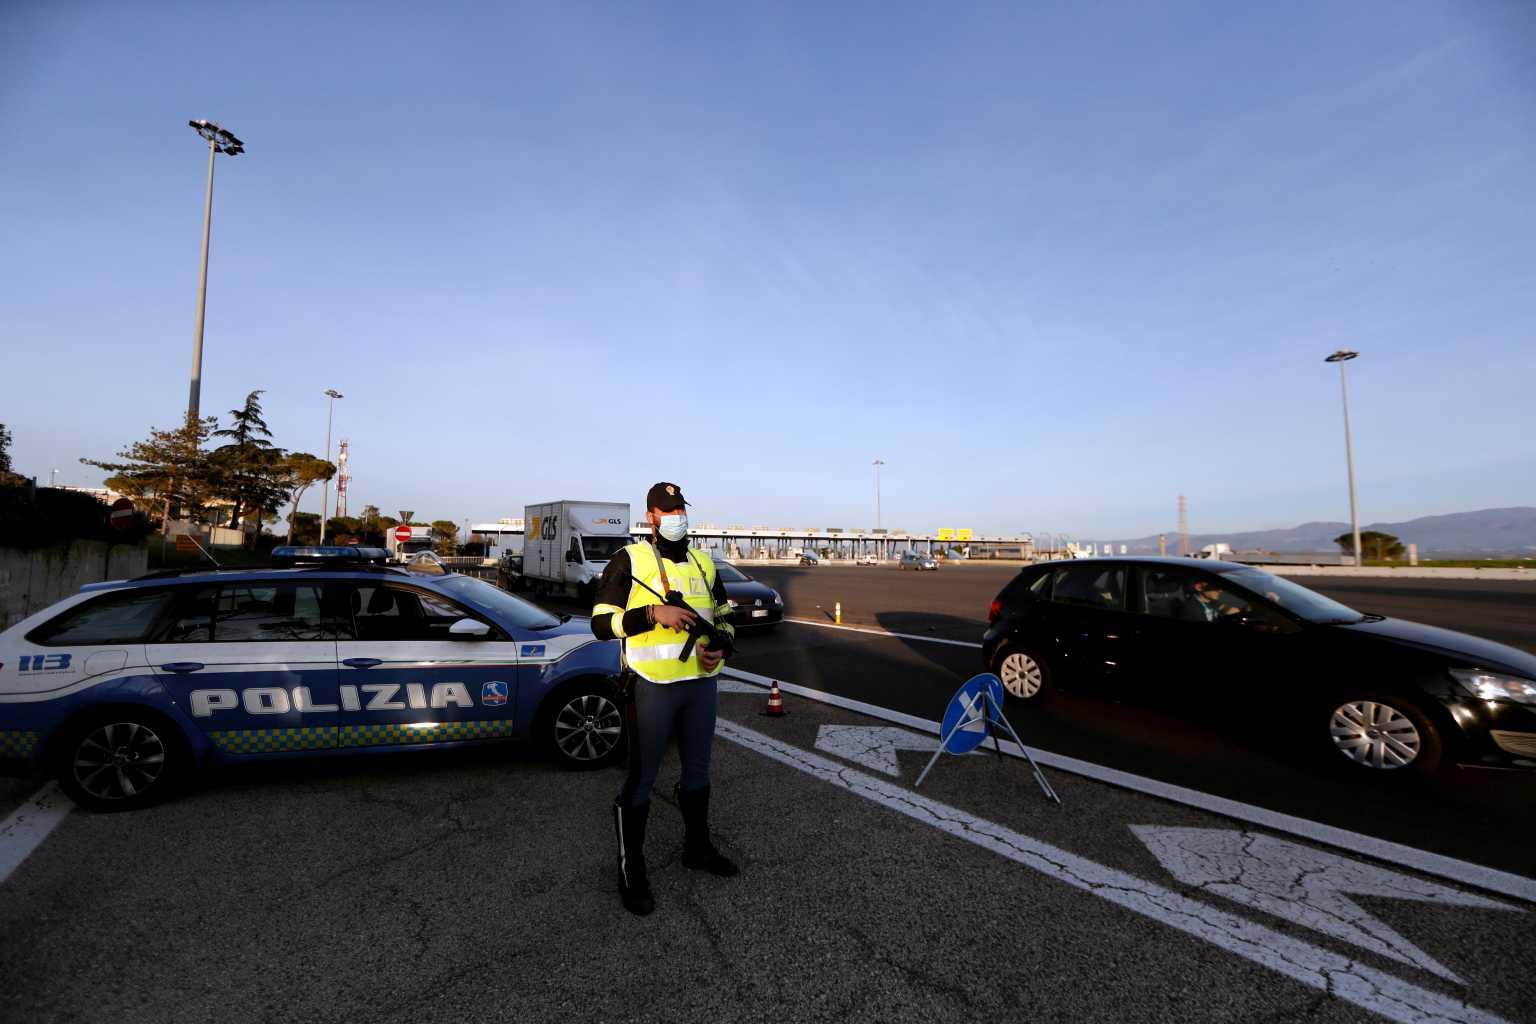 Αιματηρή επίθεση εναντίον Ελληνίδας φοιτήτριας στο Τορίνο από τον πρώην σύντροφό της